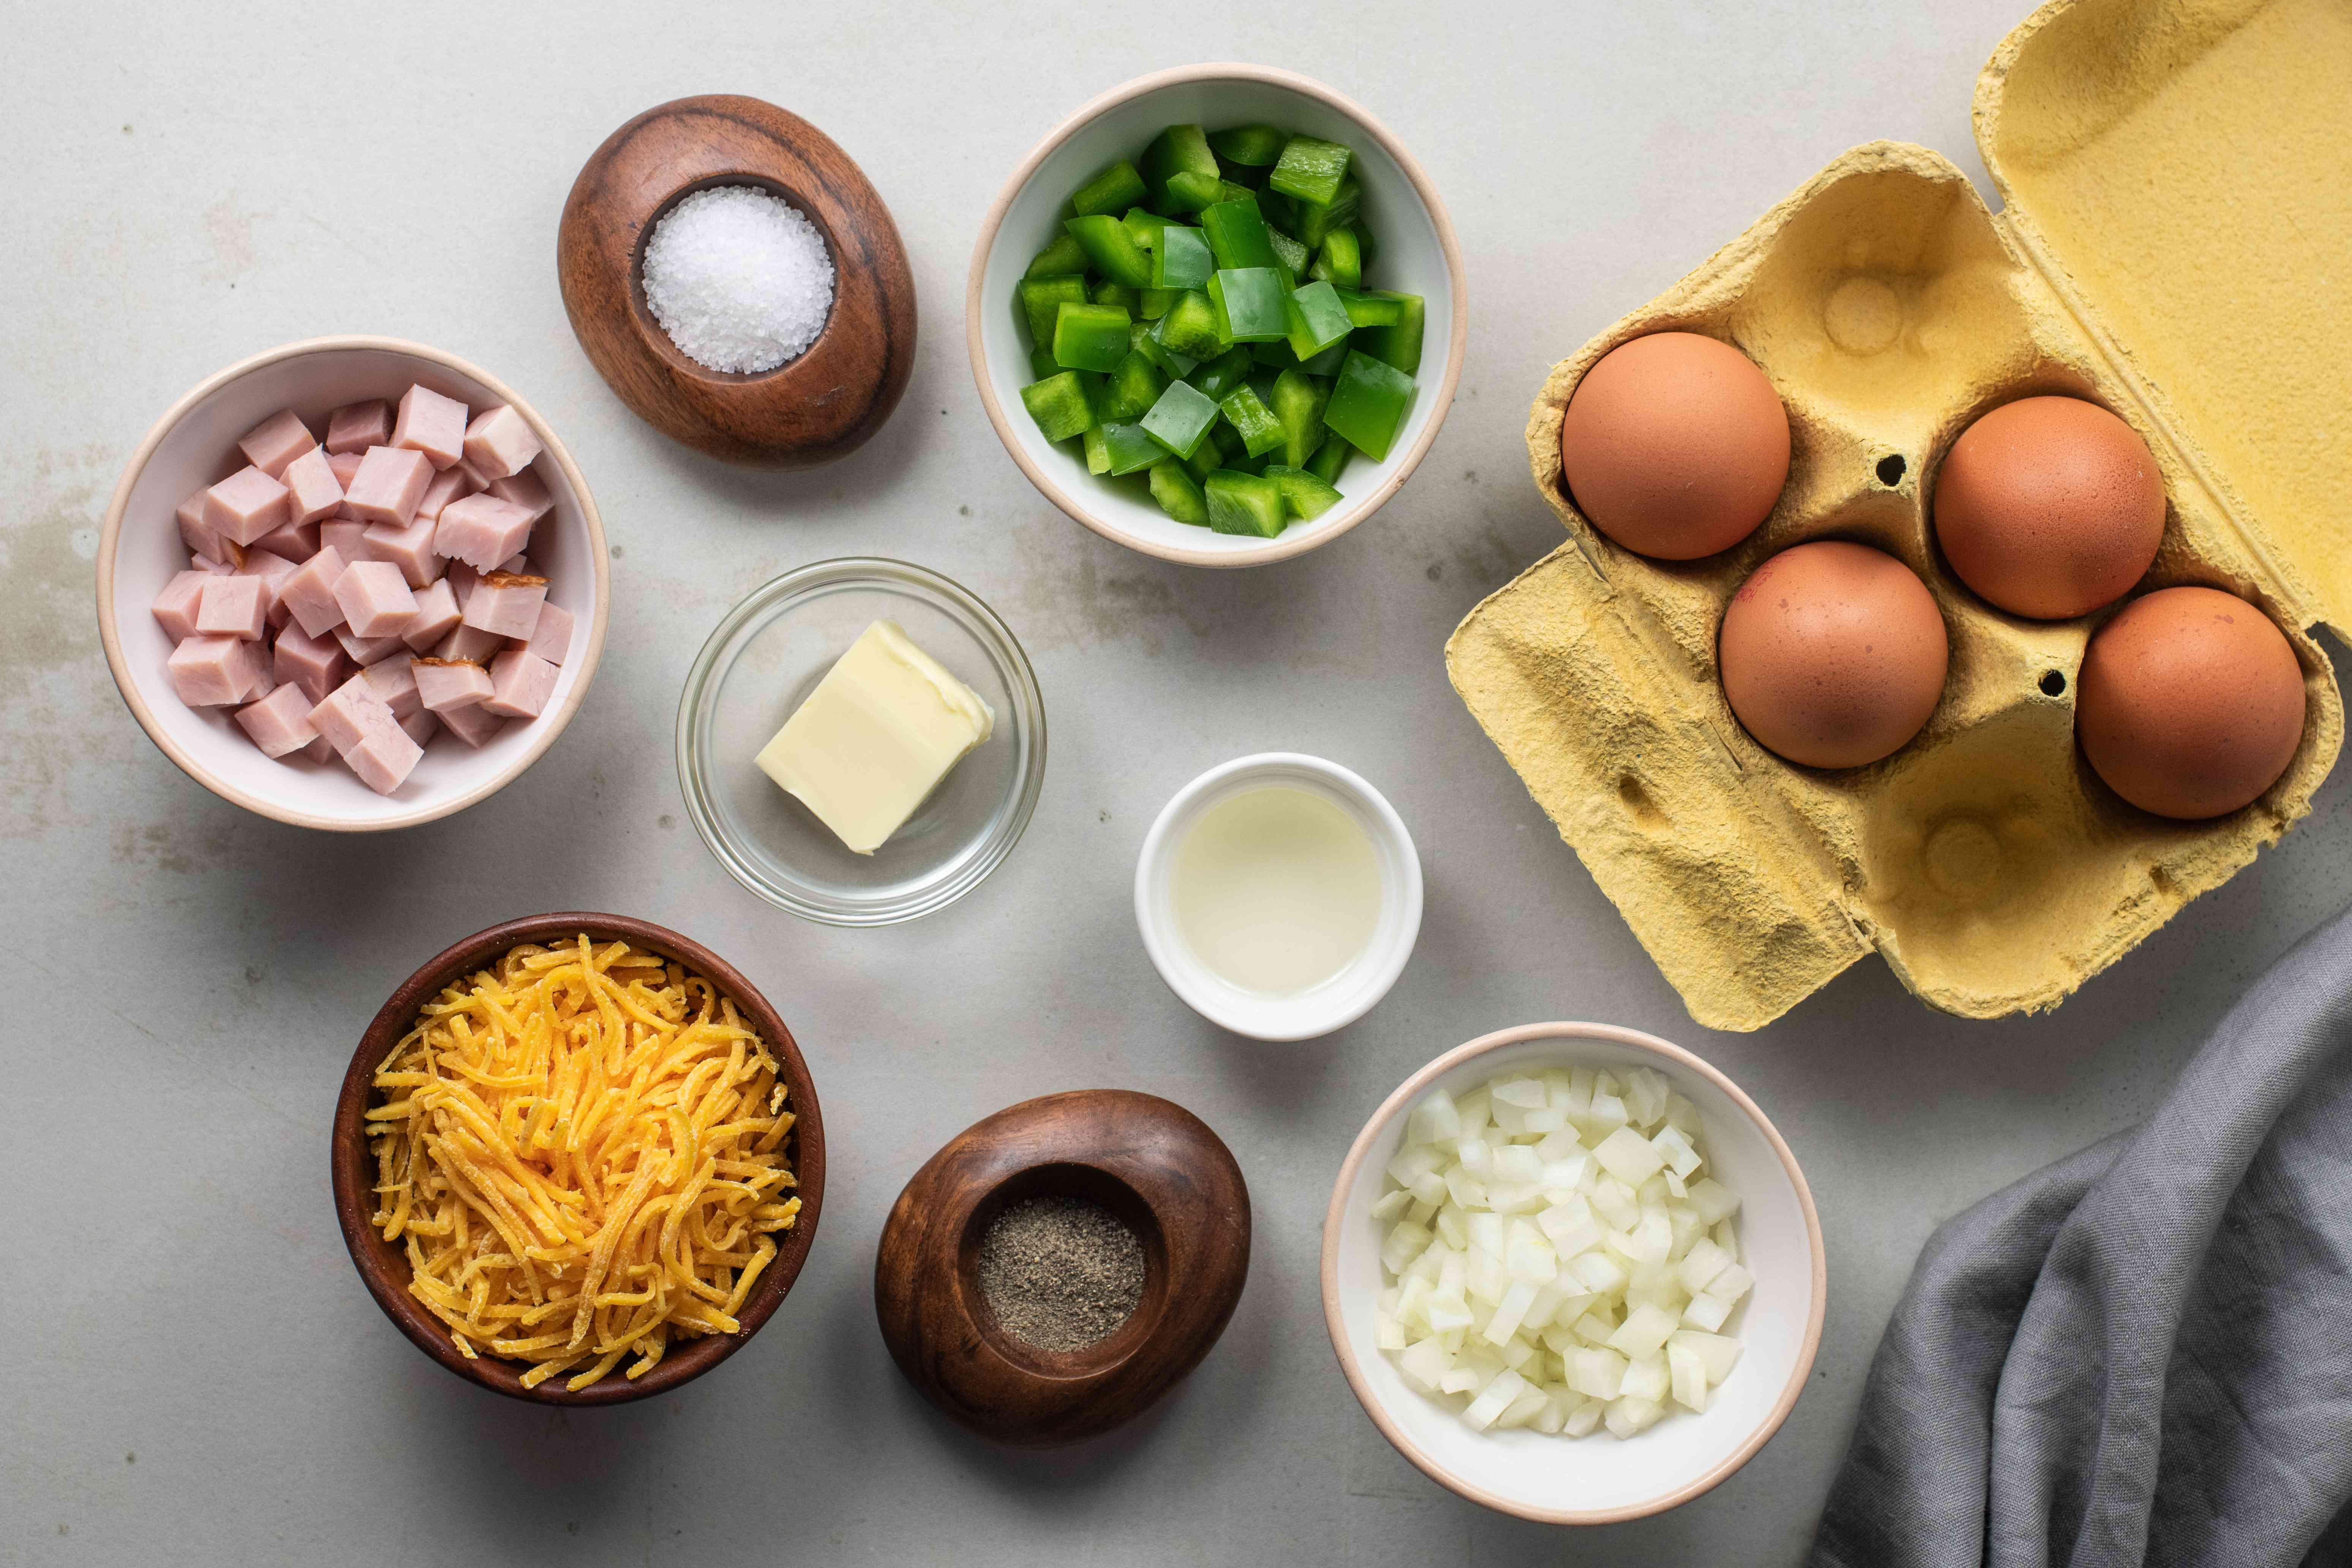 Ingredients for Denver omelet